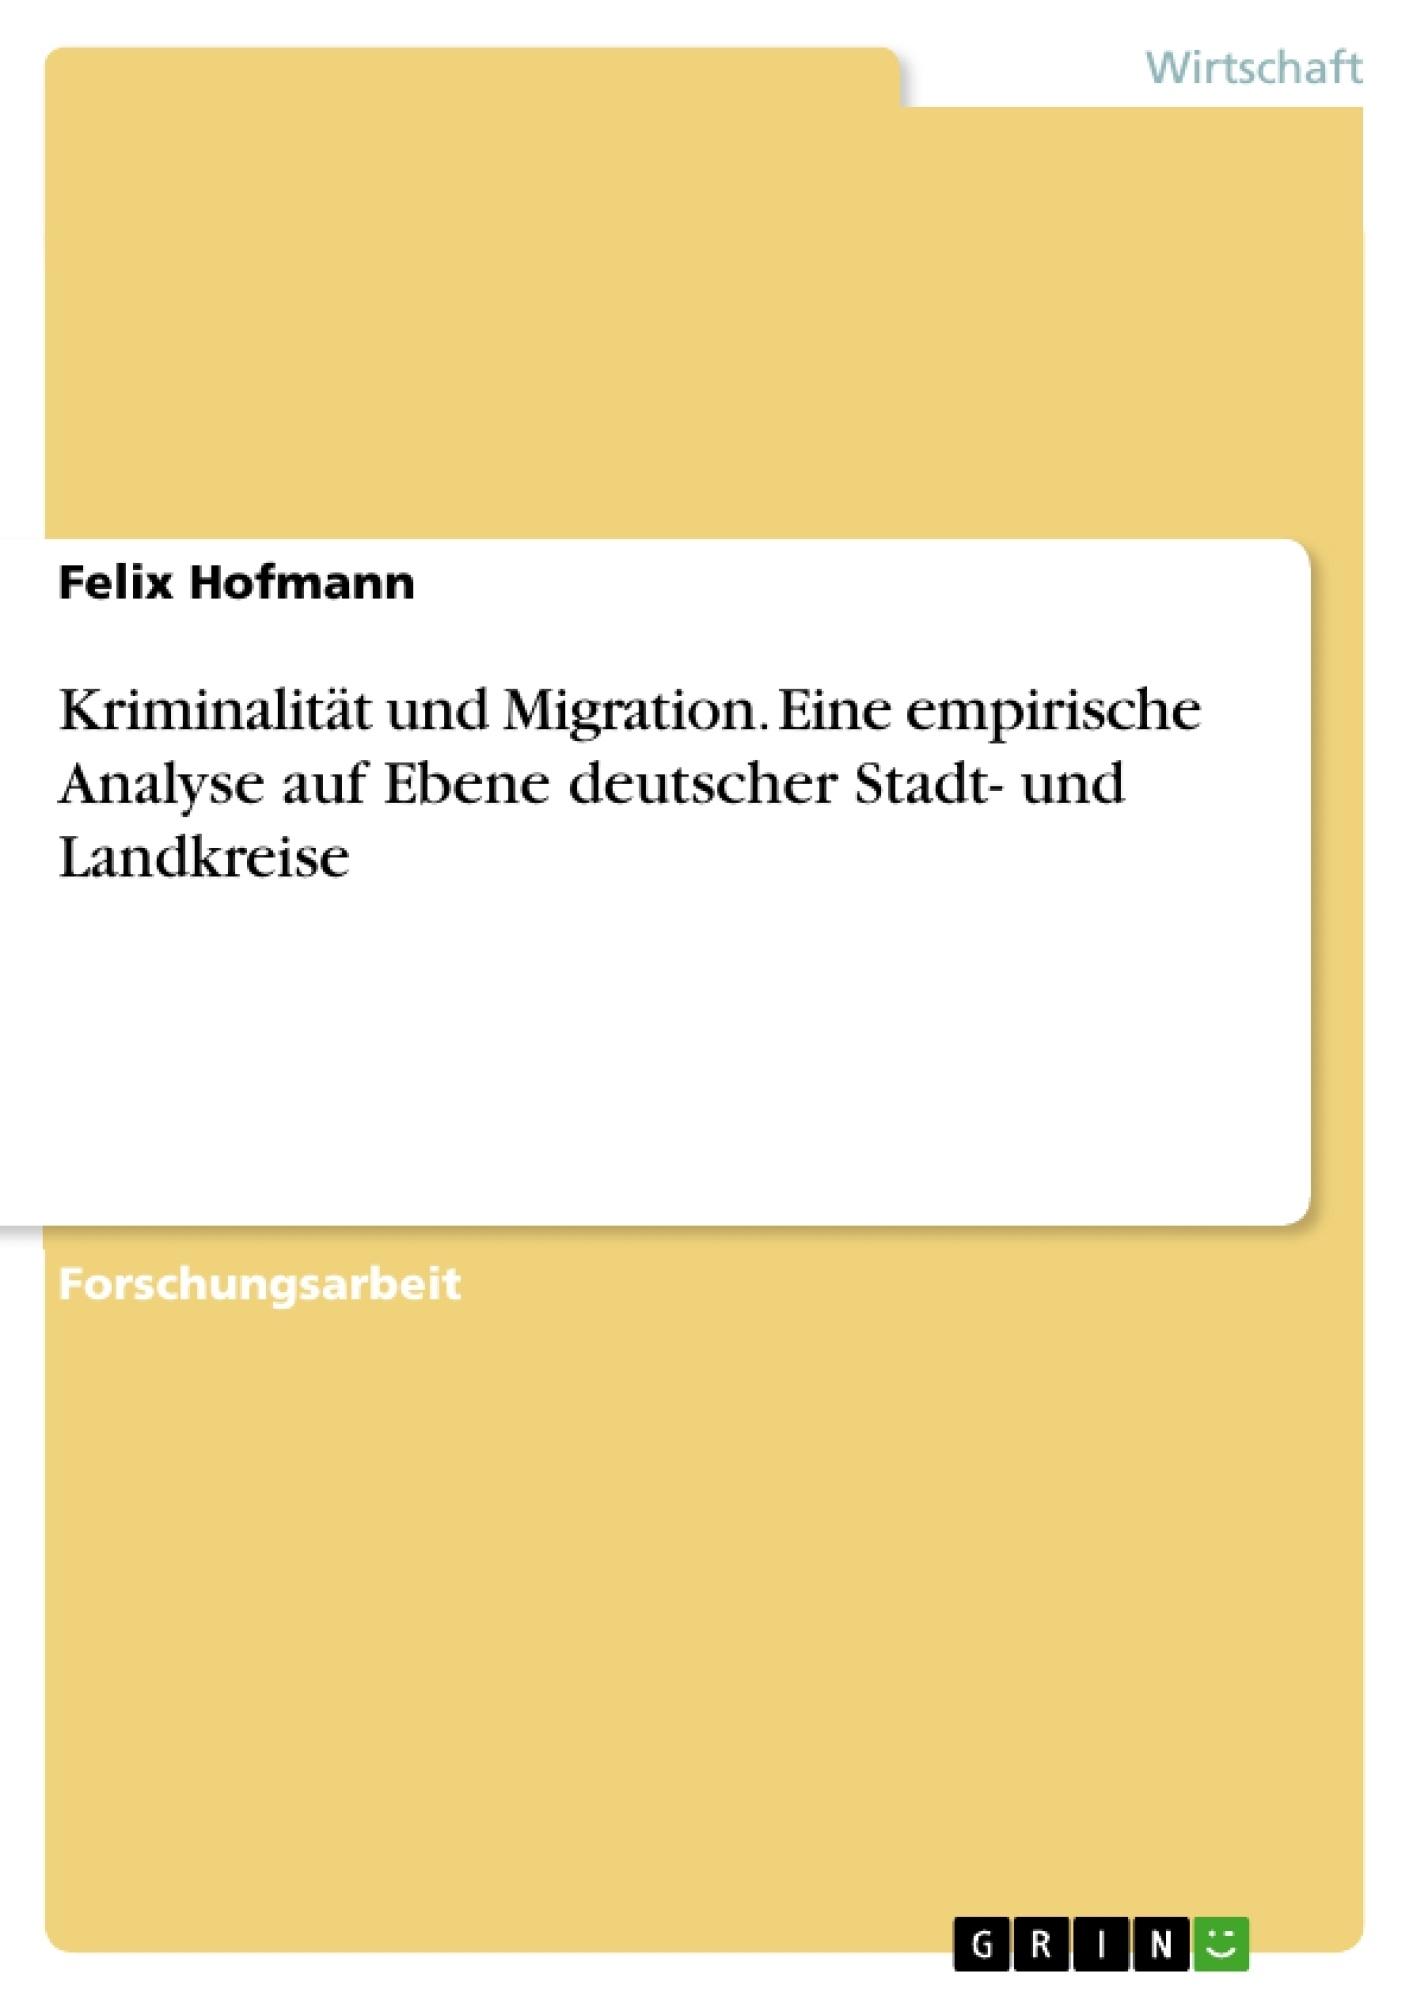 Titel: Kriminalität und Migration. Eine empirische Analyse auf Ebene deutscher Stadt- und Landkreise